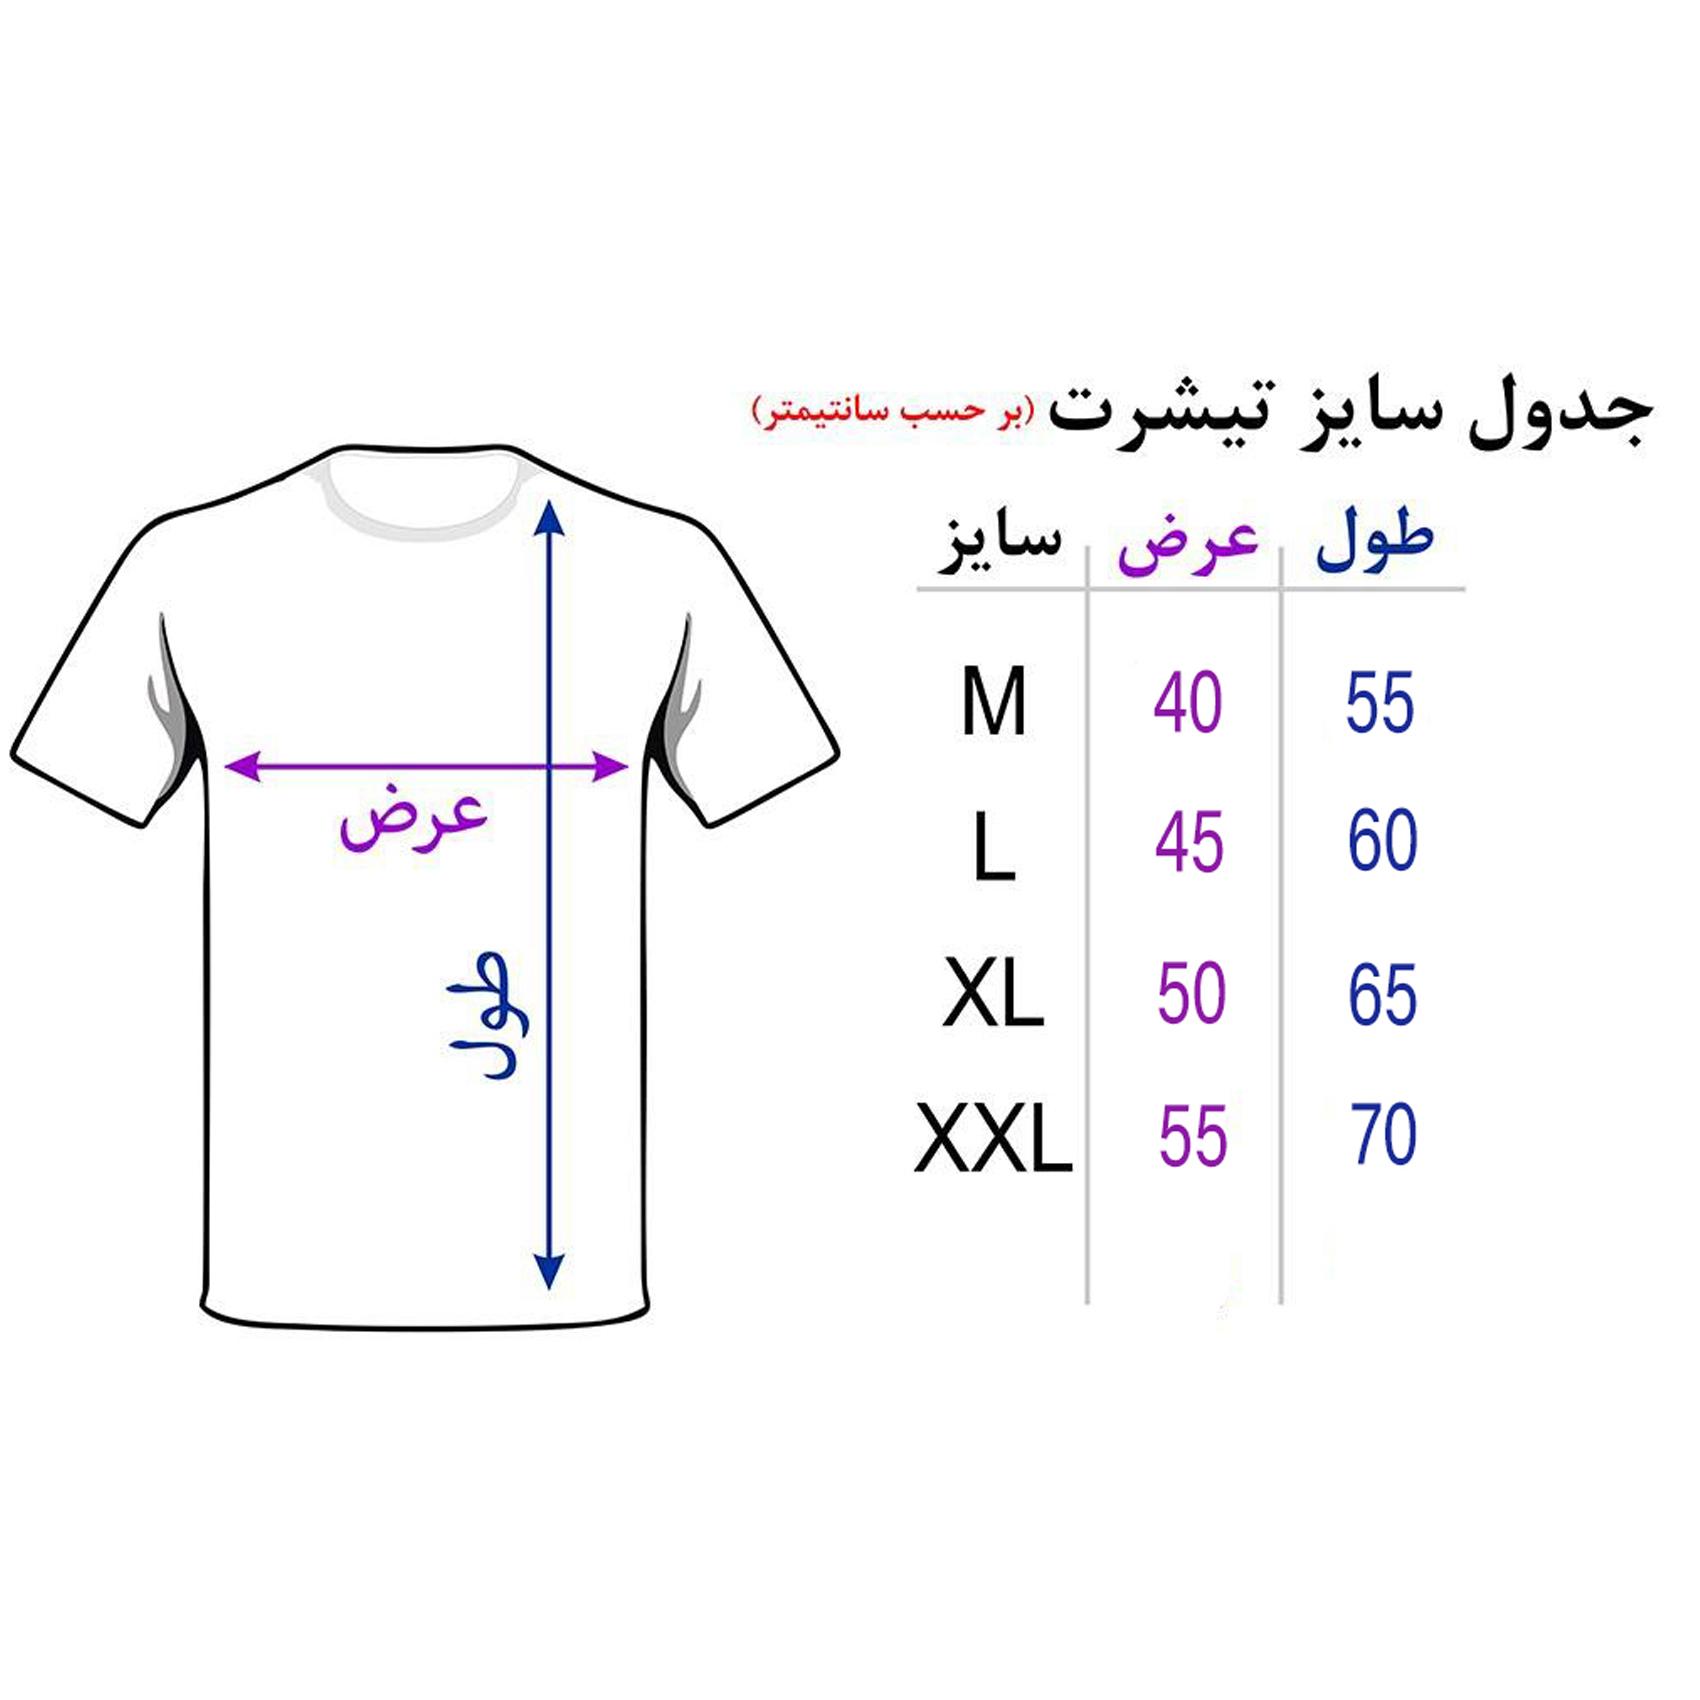 تی شرت آستین کوتاه زنانه طرح heart کد M06 -  - 3